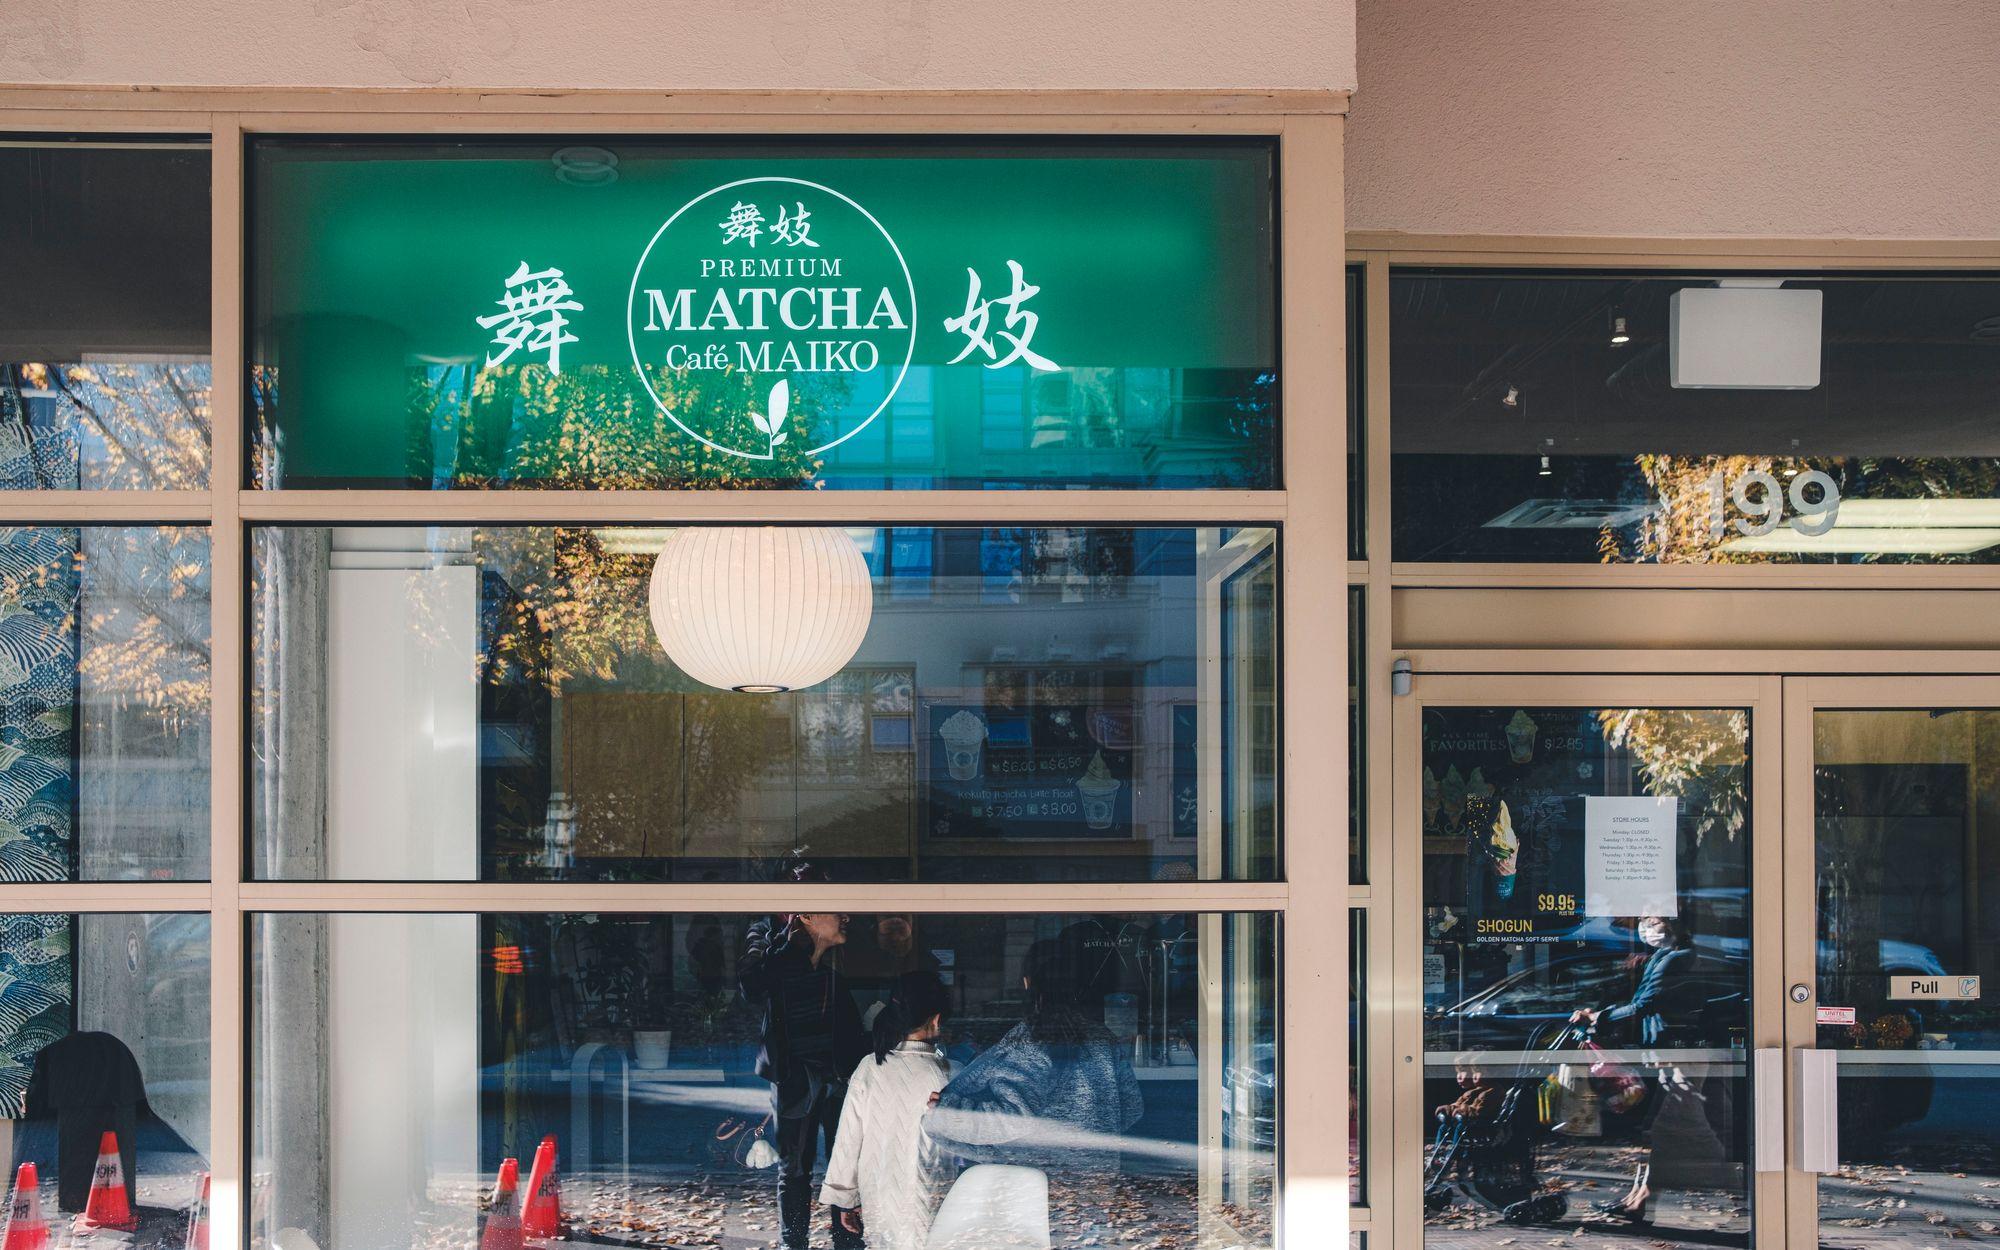 Outside Matcha Cafe Maiko